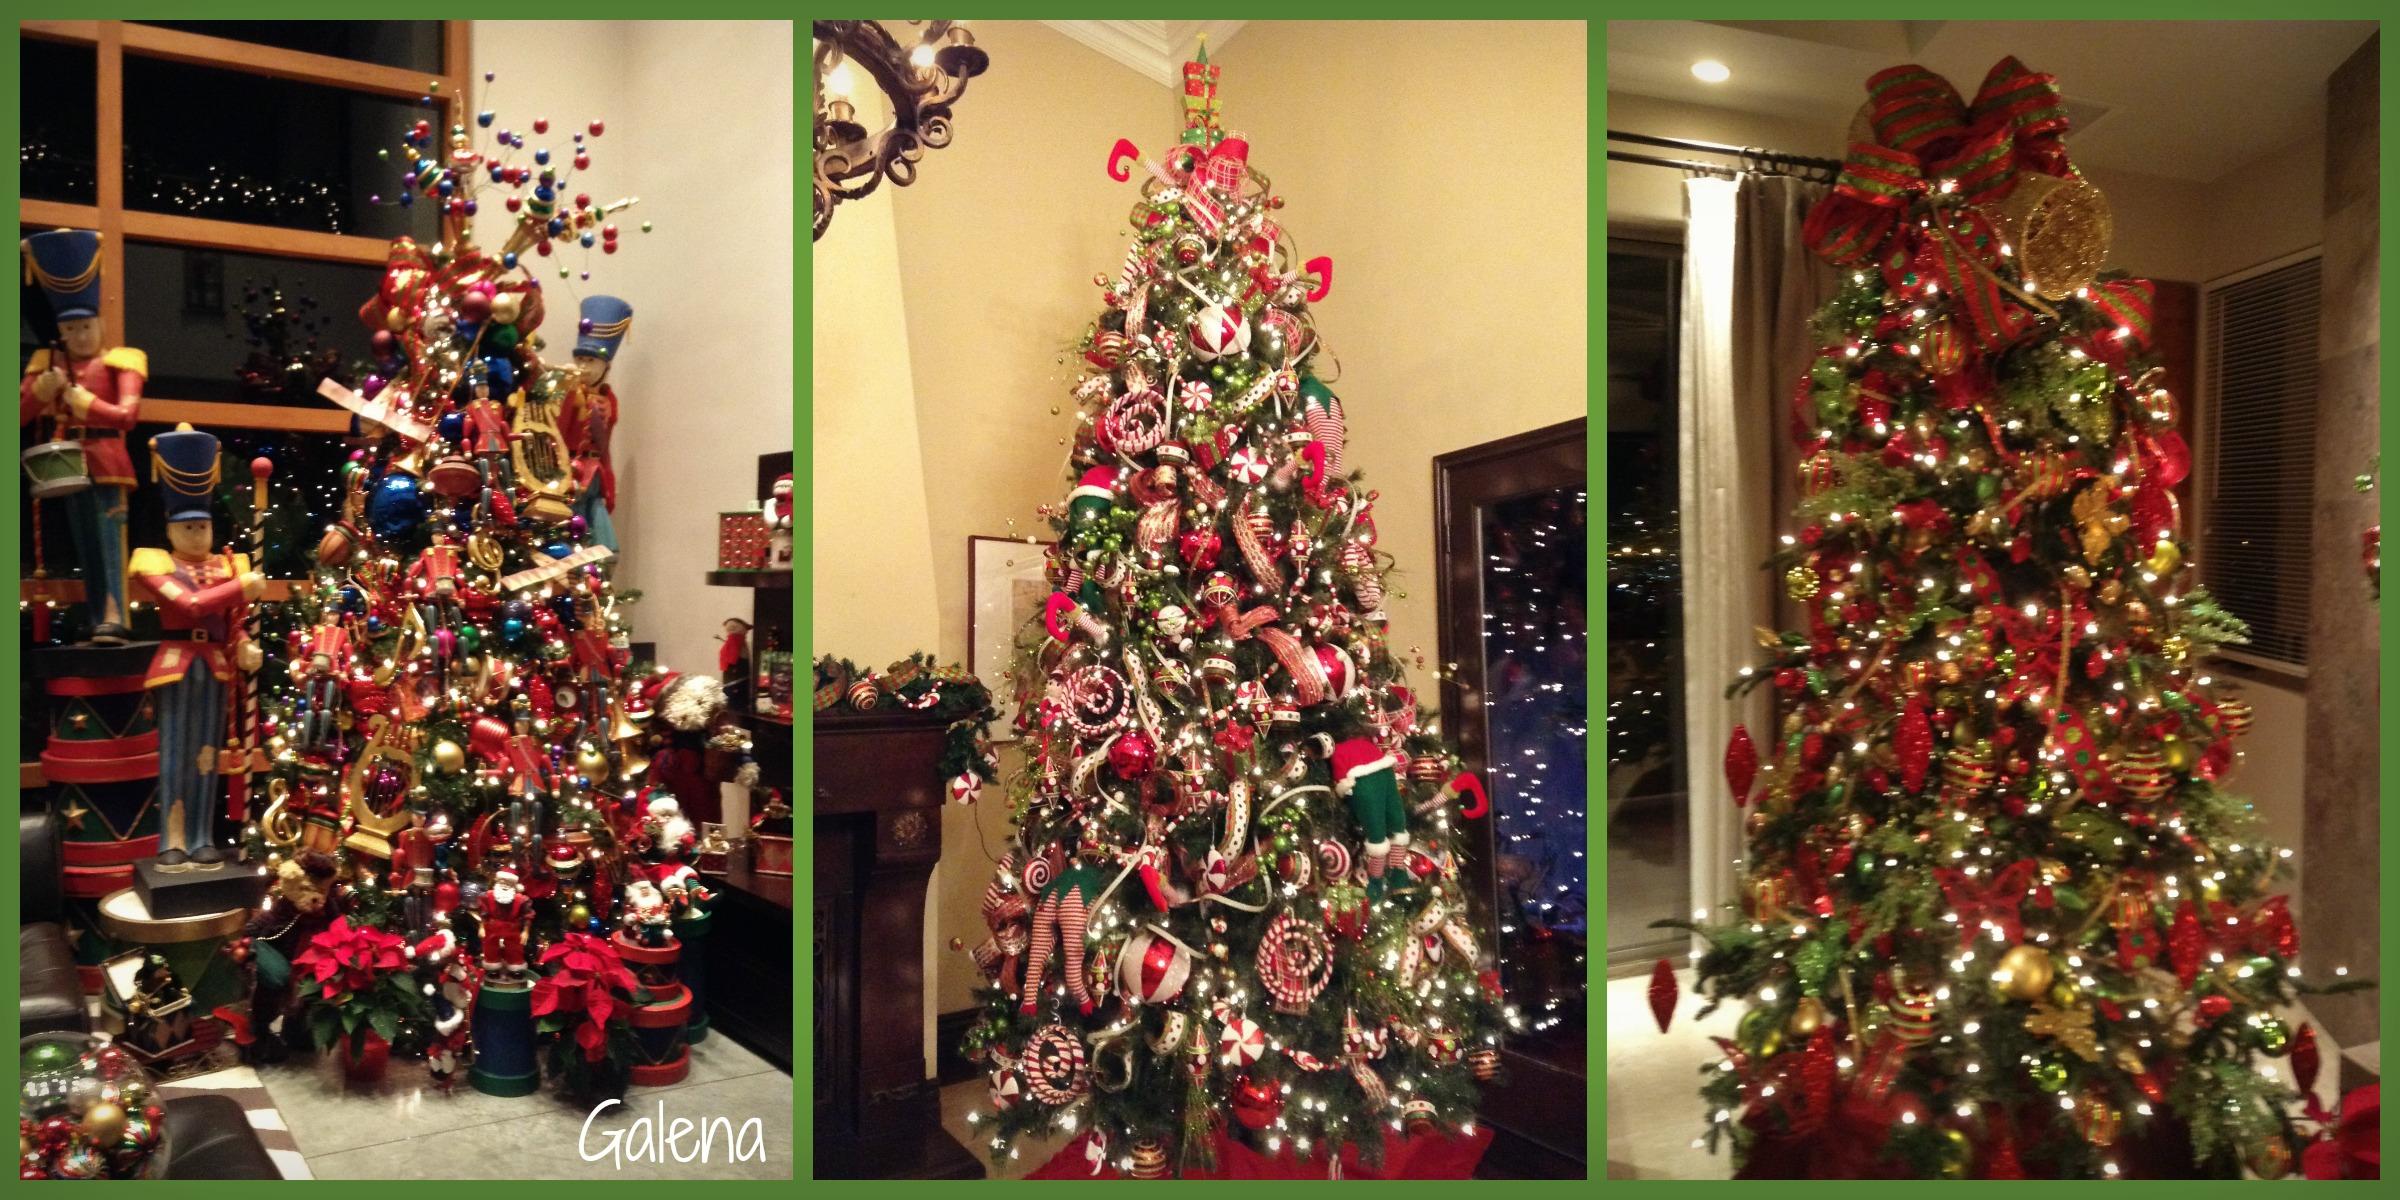 Para poner los listones al rbol de navidad ana galena for Cuando se pone el arbol de navidad